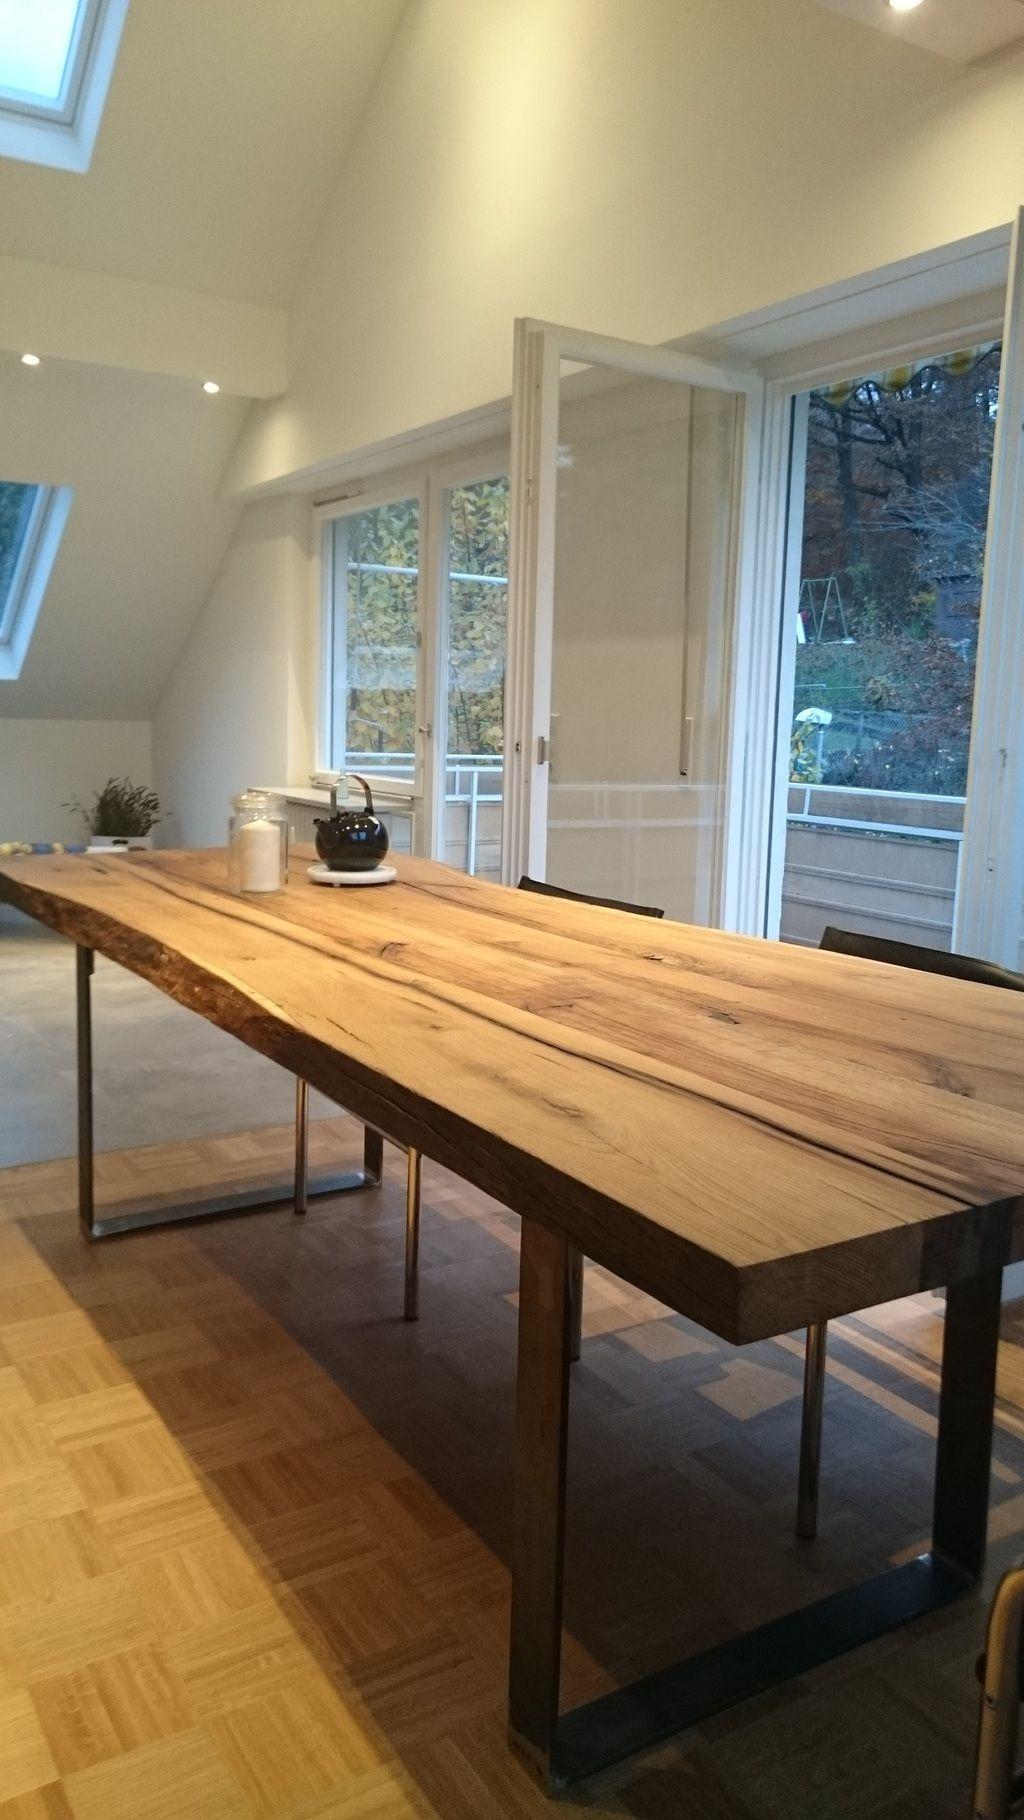 Tisch in der Art Nachzimmern lassen, aber in riesigen Maßen, so dass ...